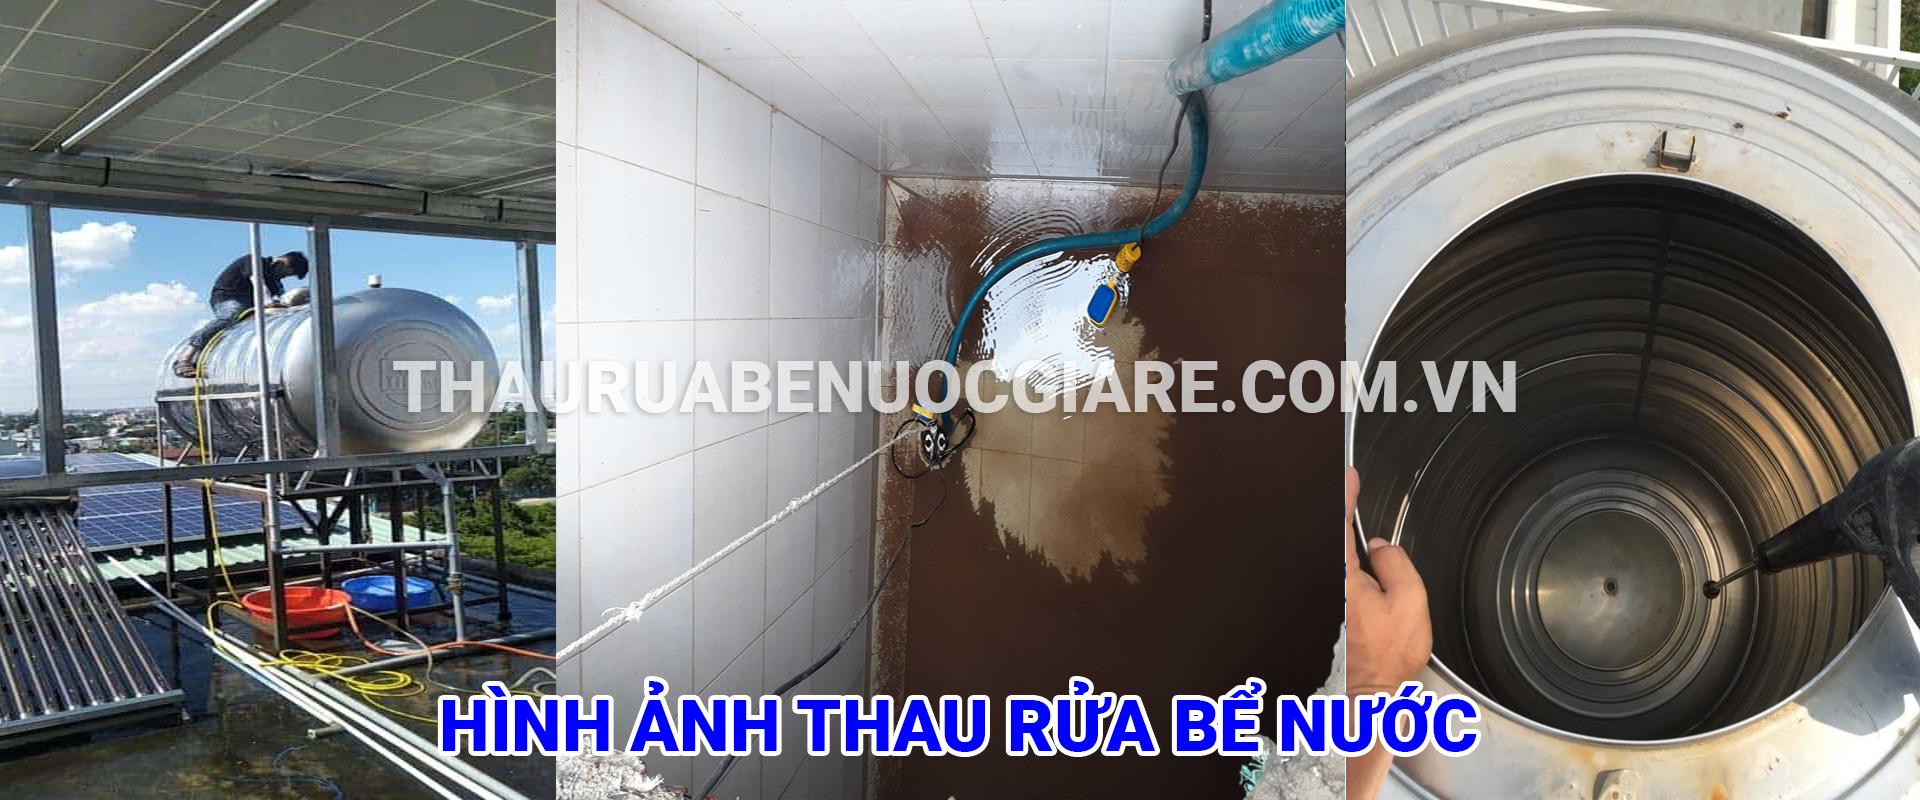 dịch vụ thau rửa bể nước ngầm tại hà nội